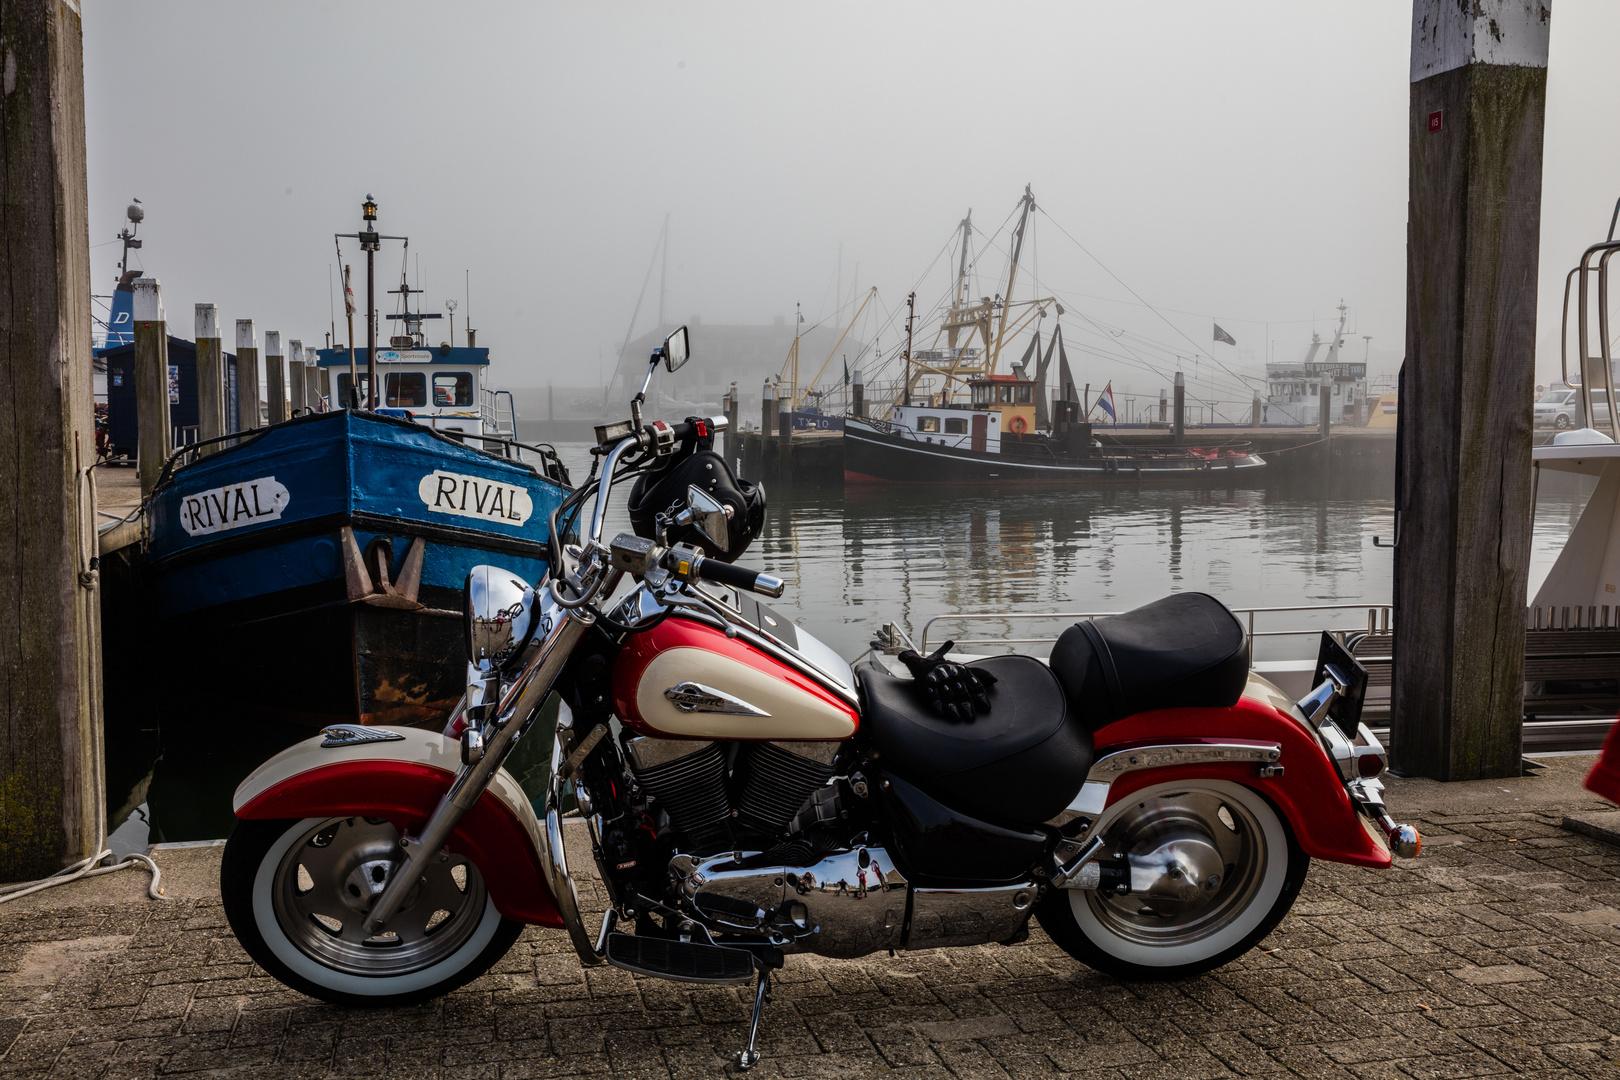 Flotte Suzuki vor lahmen Fischerkähnen im Nebel